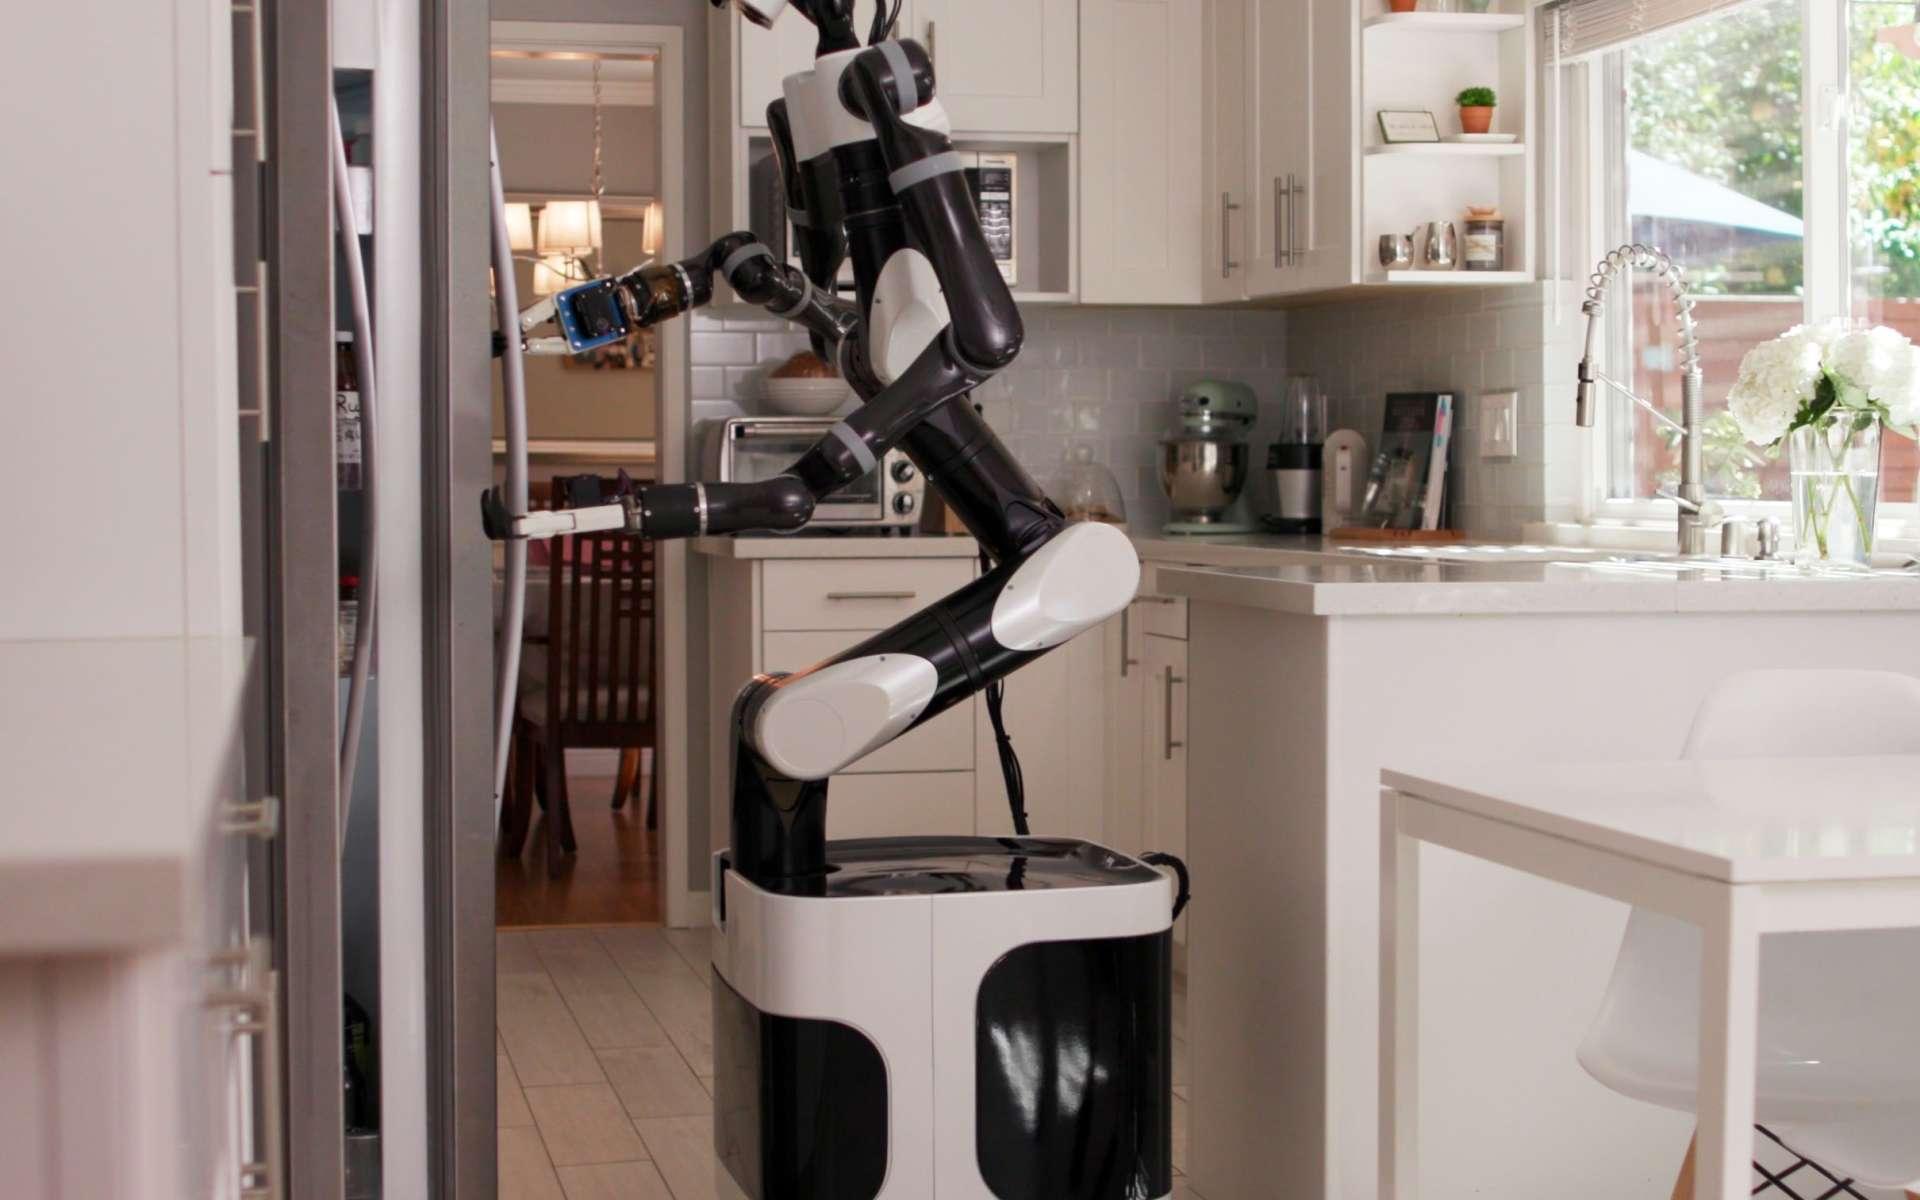 Le Toyota Research Institute (TRI) enseigne à des robots comment effectuer des tâches ménagères. © Courtesy of Toyota Research Institute assistive home robot